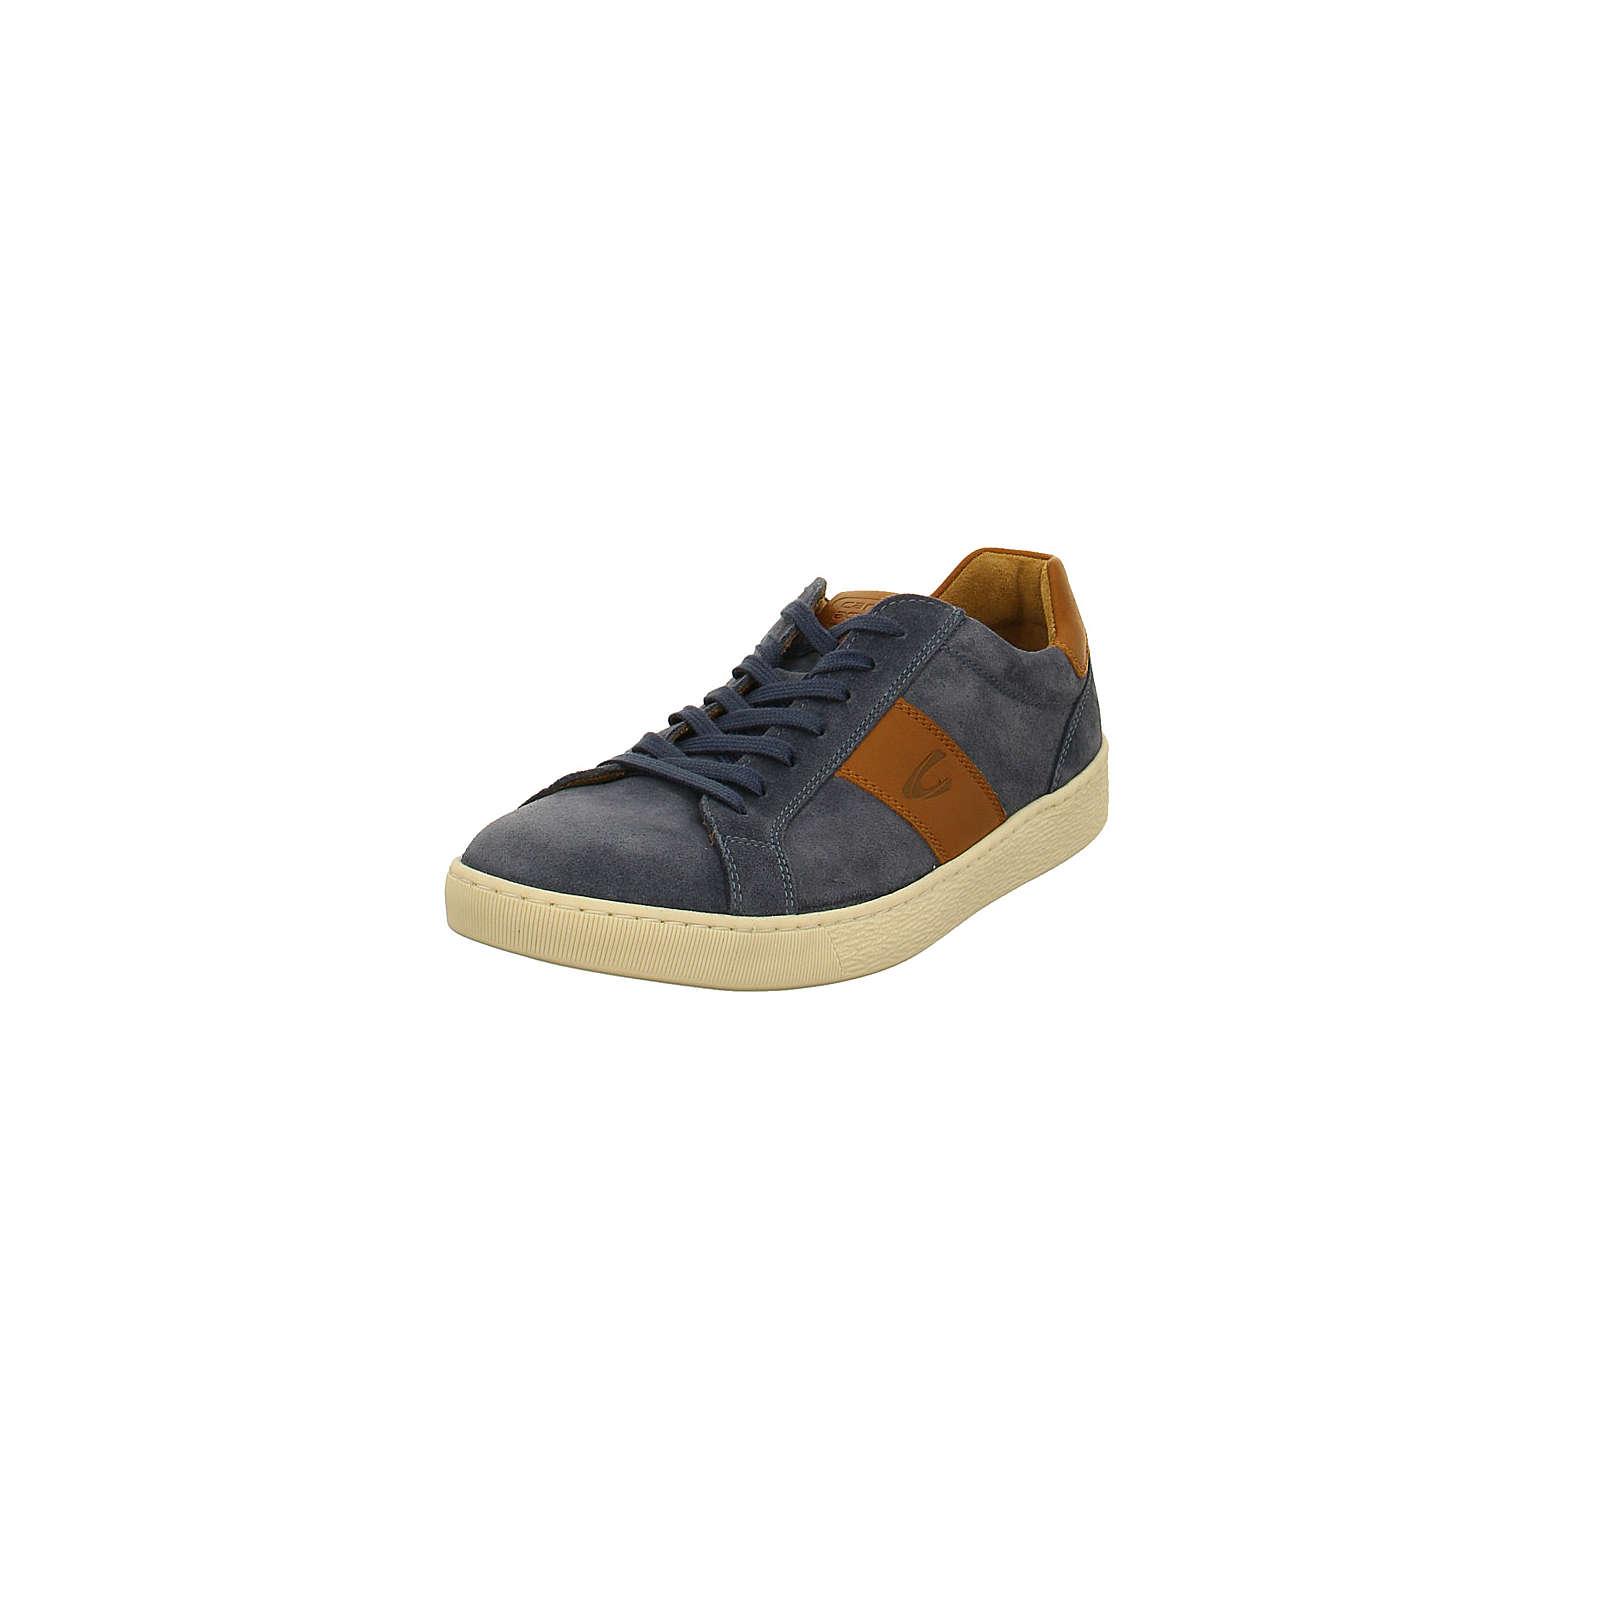 Camel active Herren Sneaker – Tonic – Veloursleder in blau – 537.11.03 Sneakers Low blau Herren Gr. 41